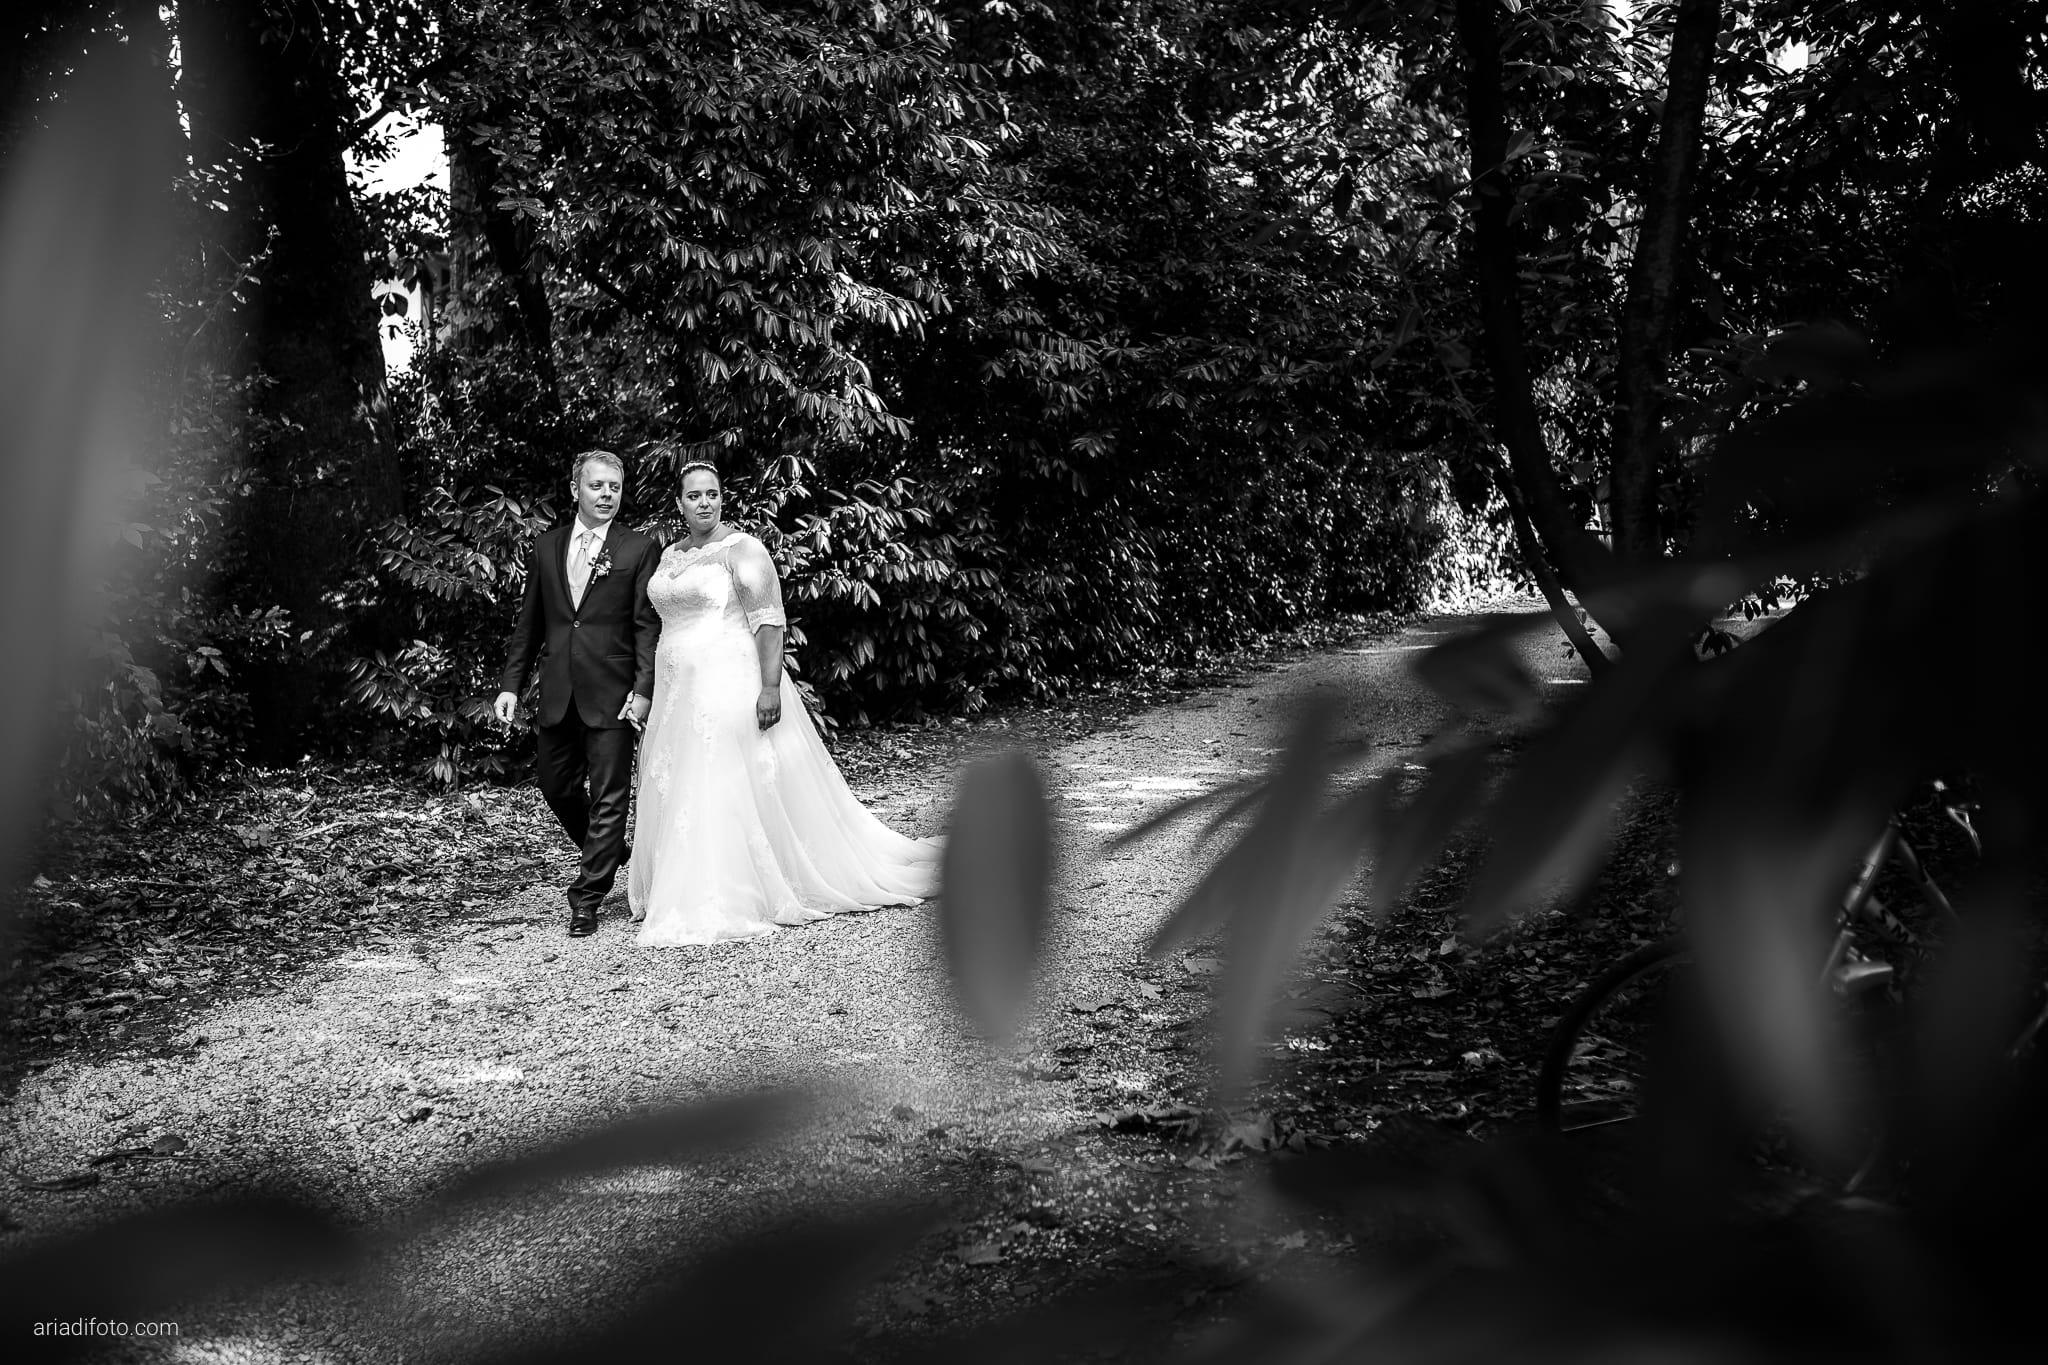 Eleonora Andrea Matrimonio Castello Papadopoli Giol San Polo Piave Treviso ritratti sposi